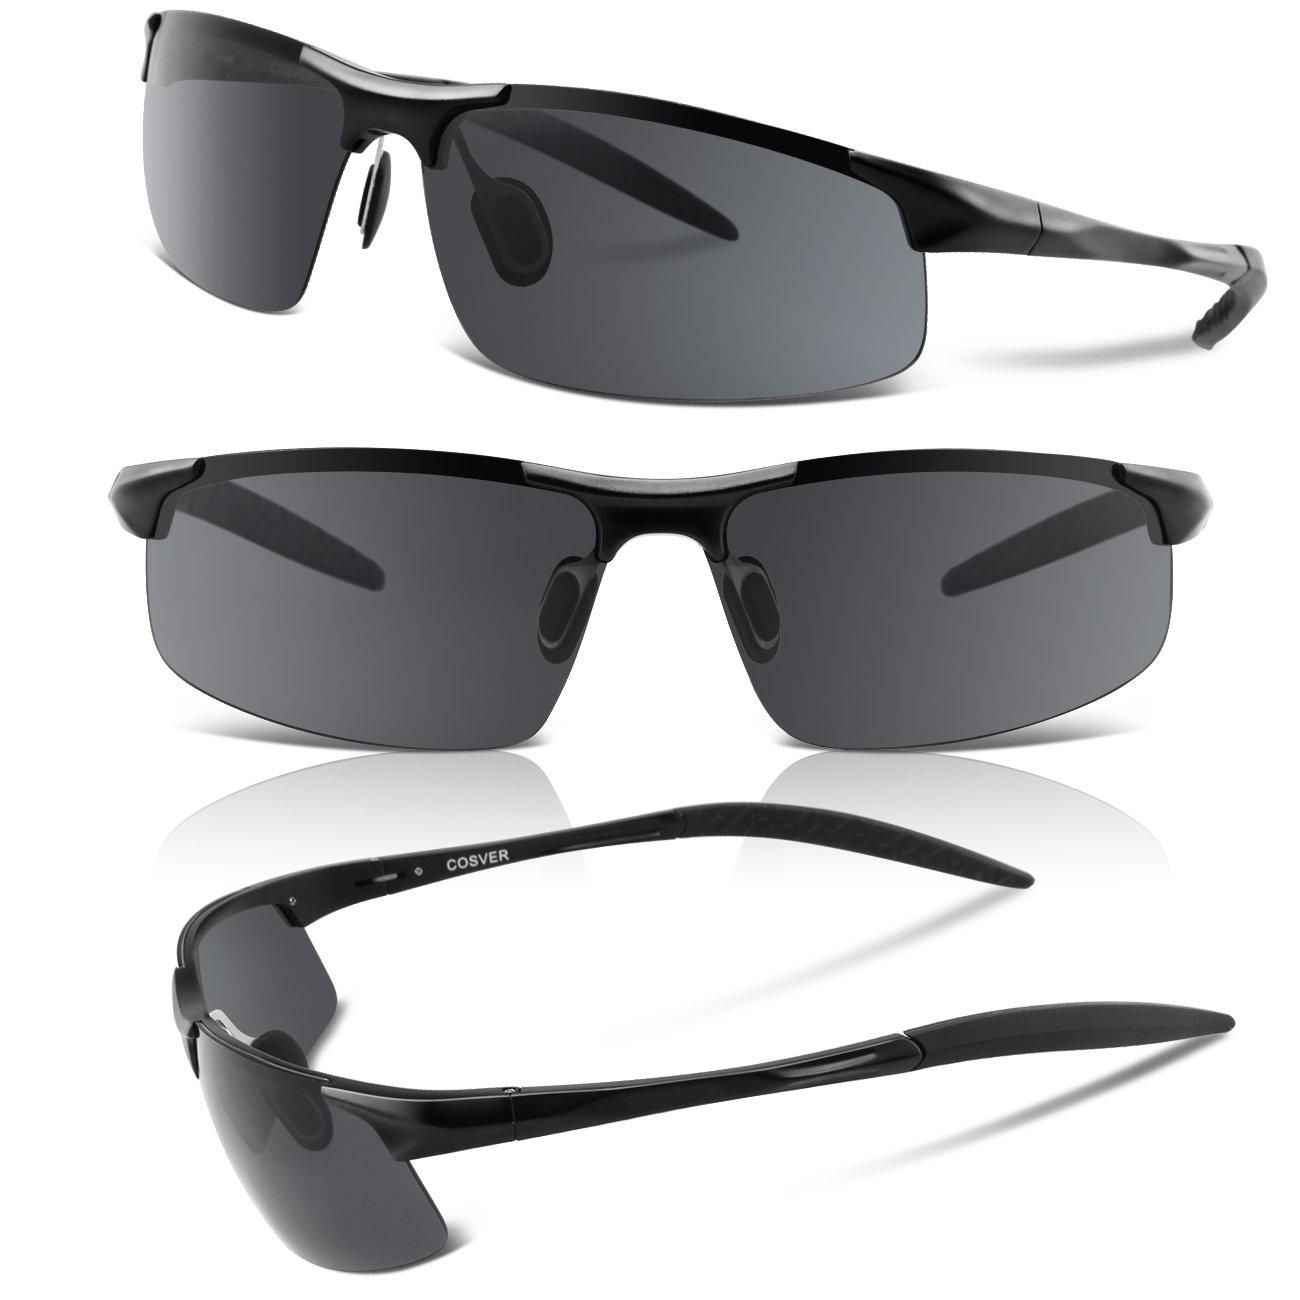 d14f65fdd موقع يبيع نظارات مضمون ؟ - البوابة الرقمية ADSLGATE